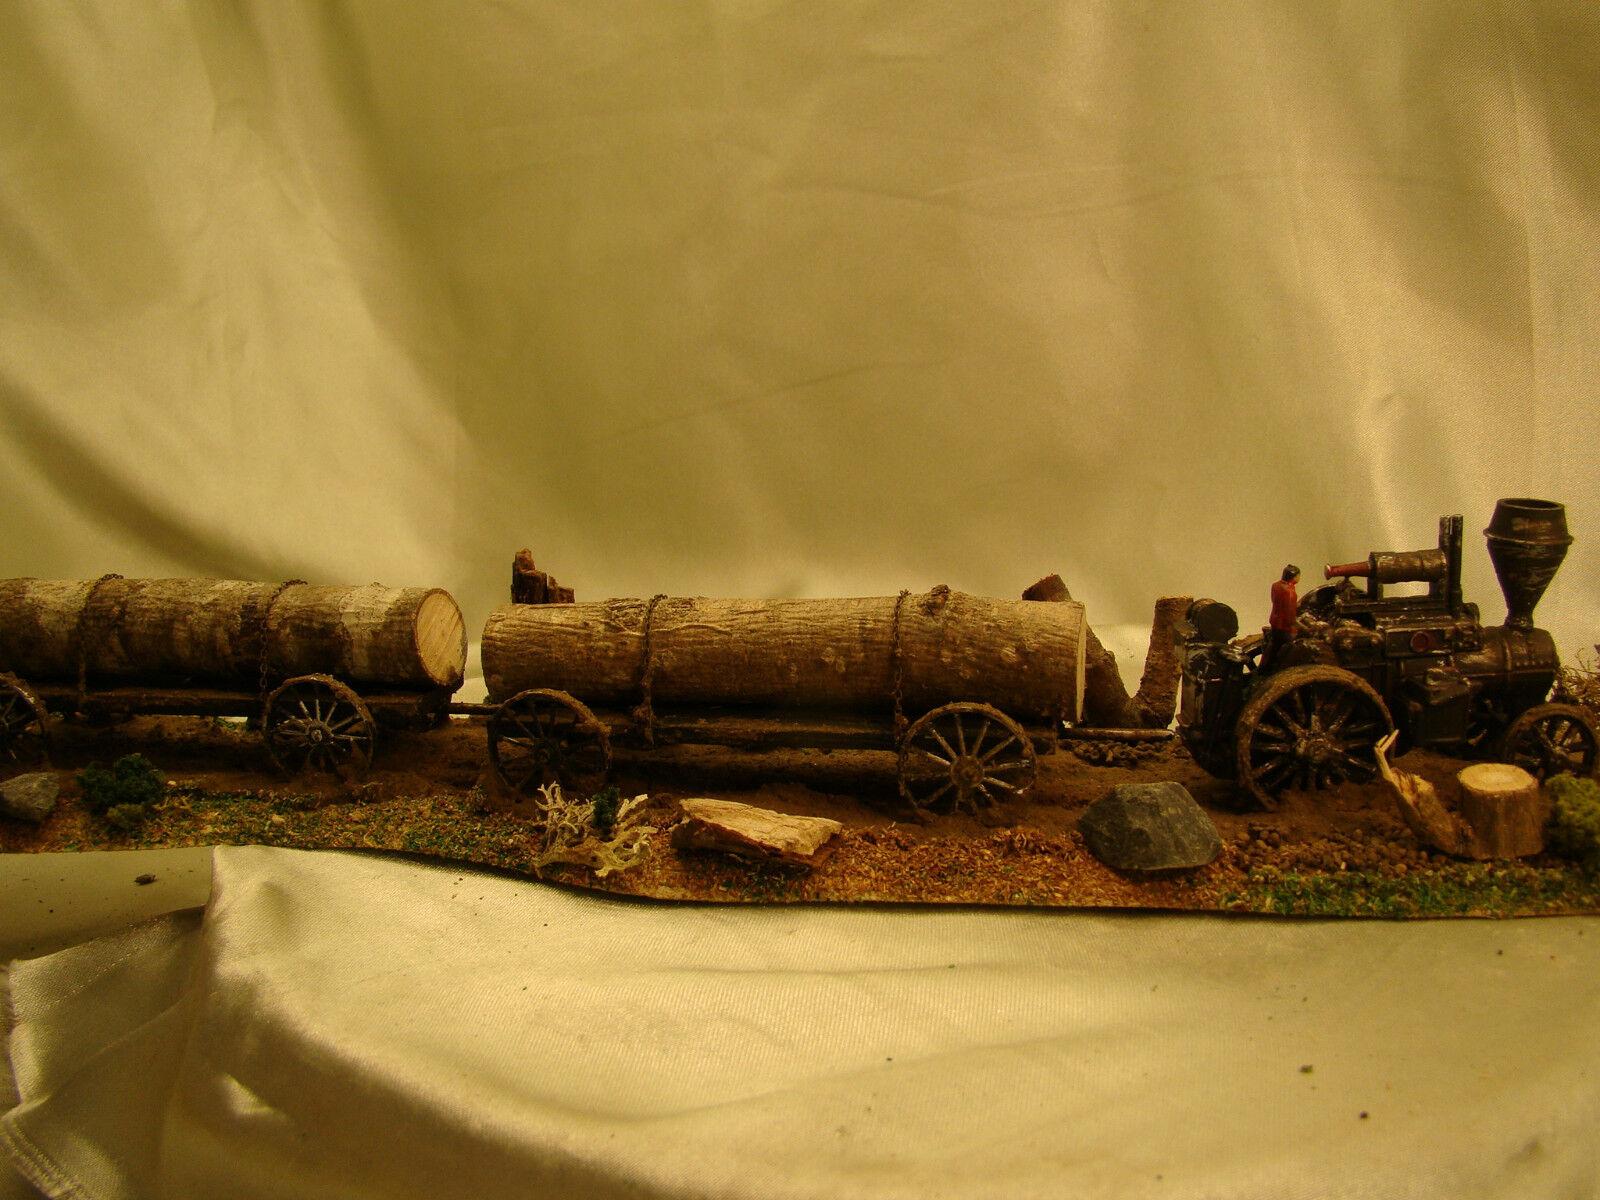 Tractor de motor de vapor de imágenes históricos-Custom erosionado, Pintados HO-Lote 6